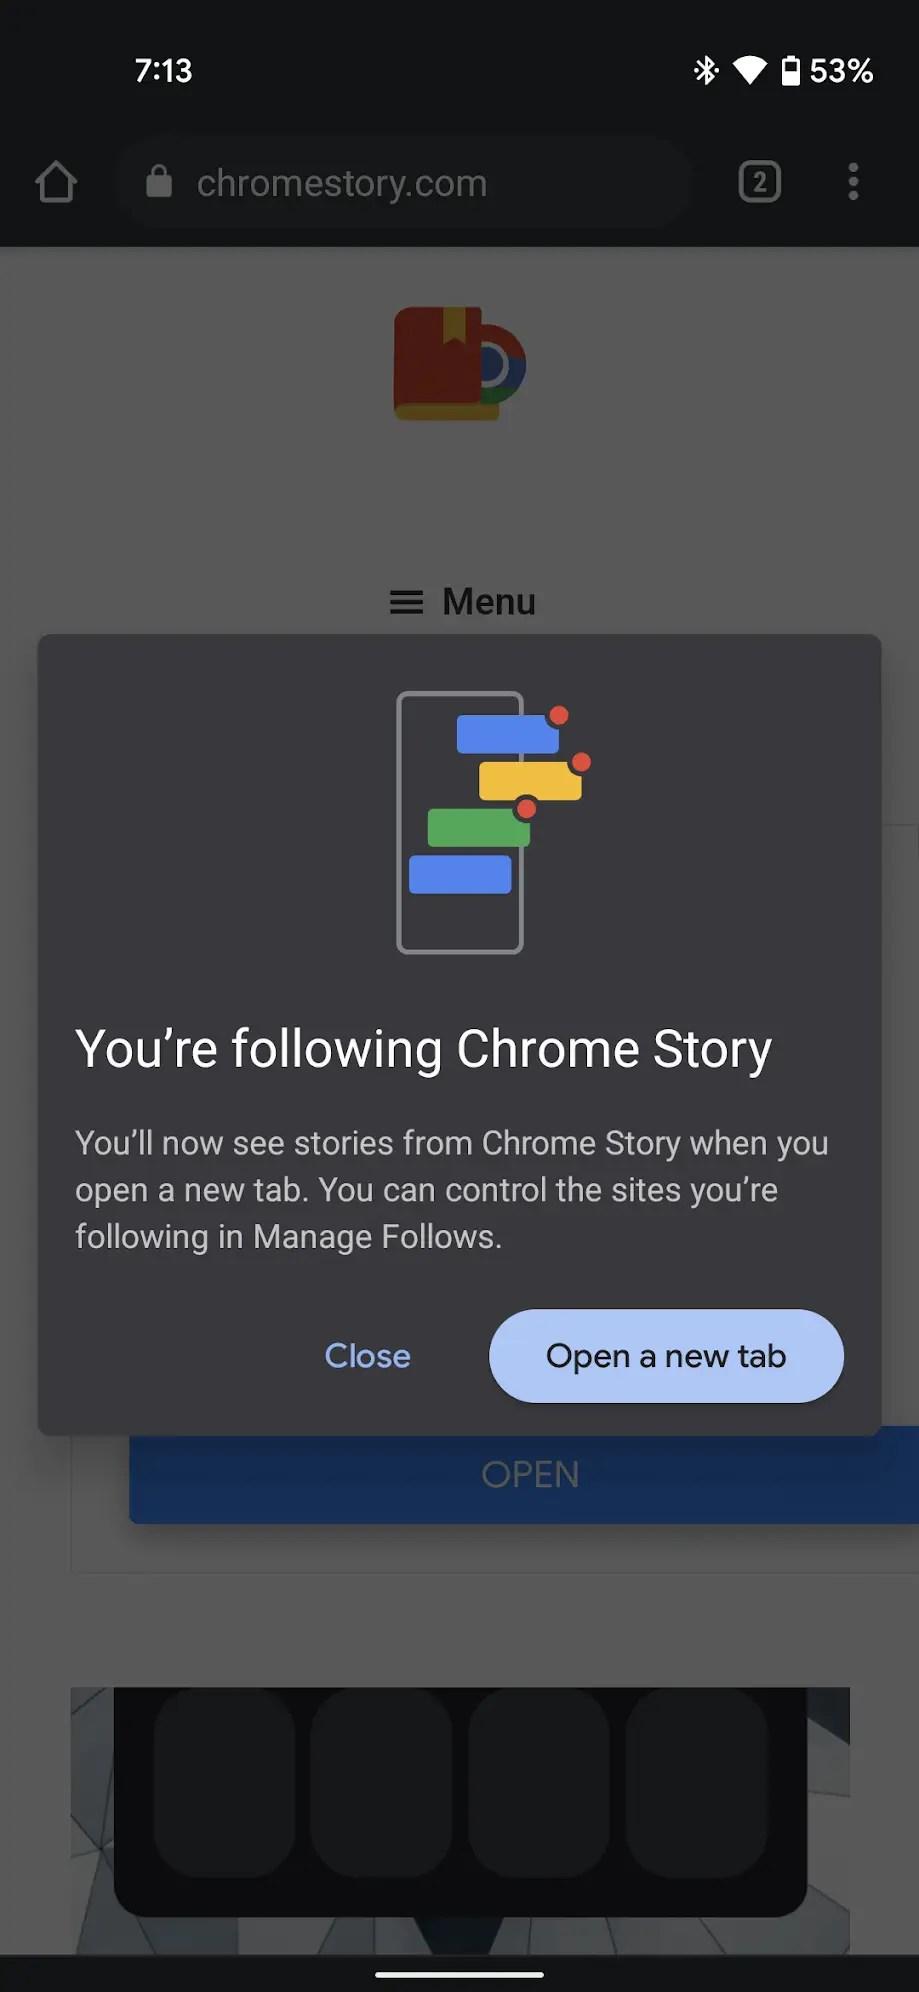 Follow Confirmation - Chrome